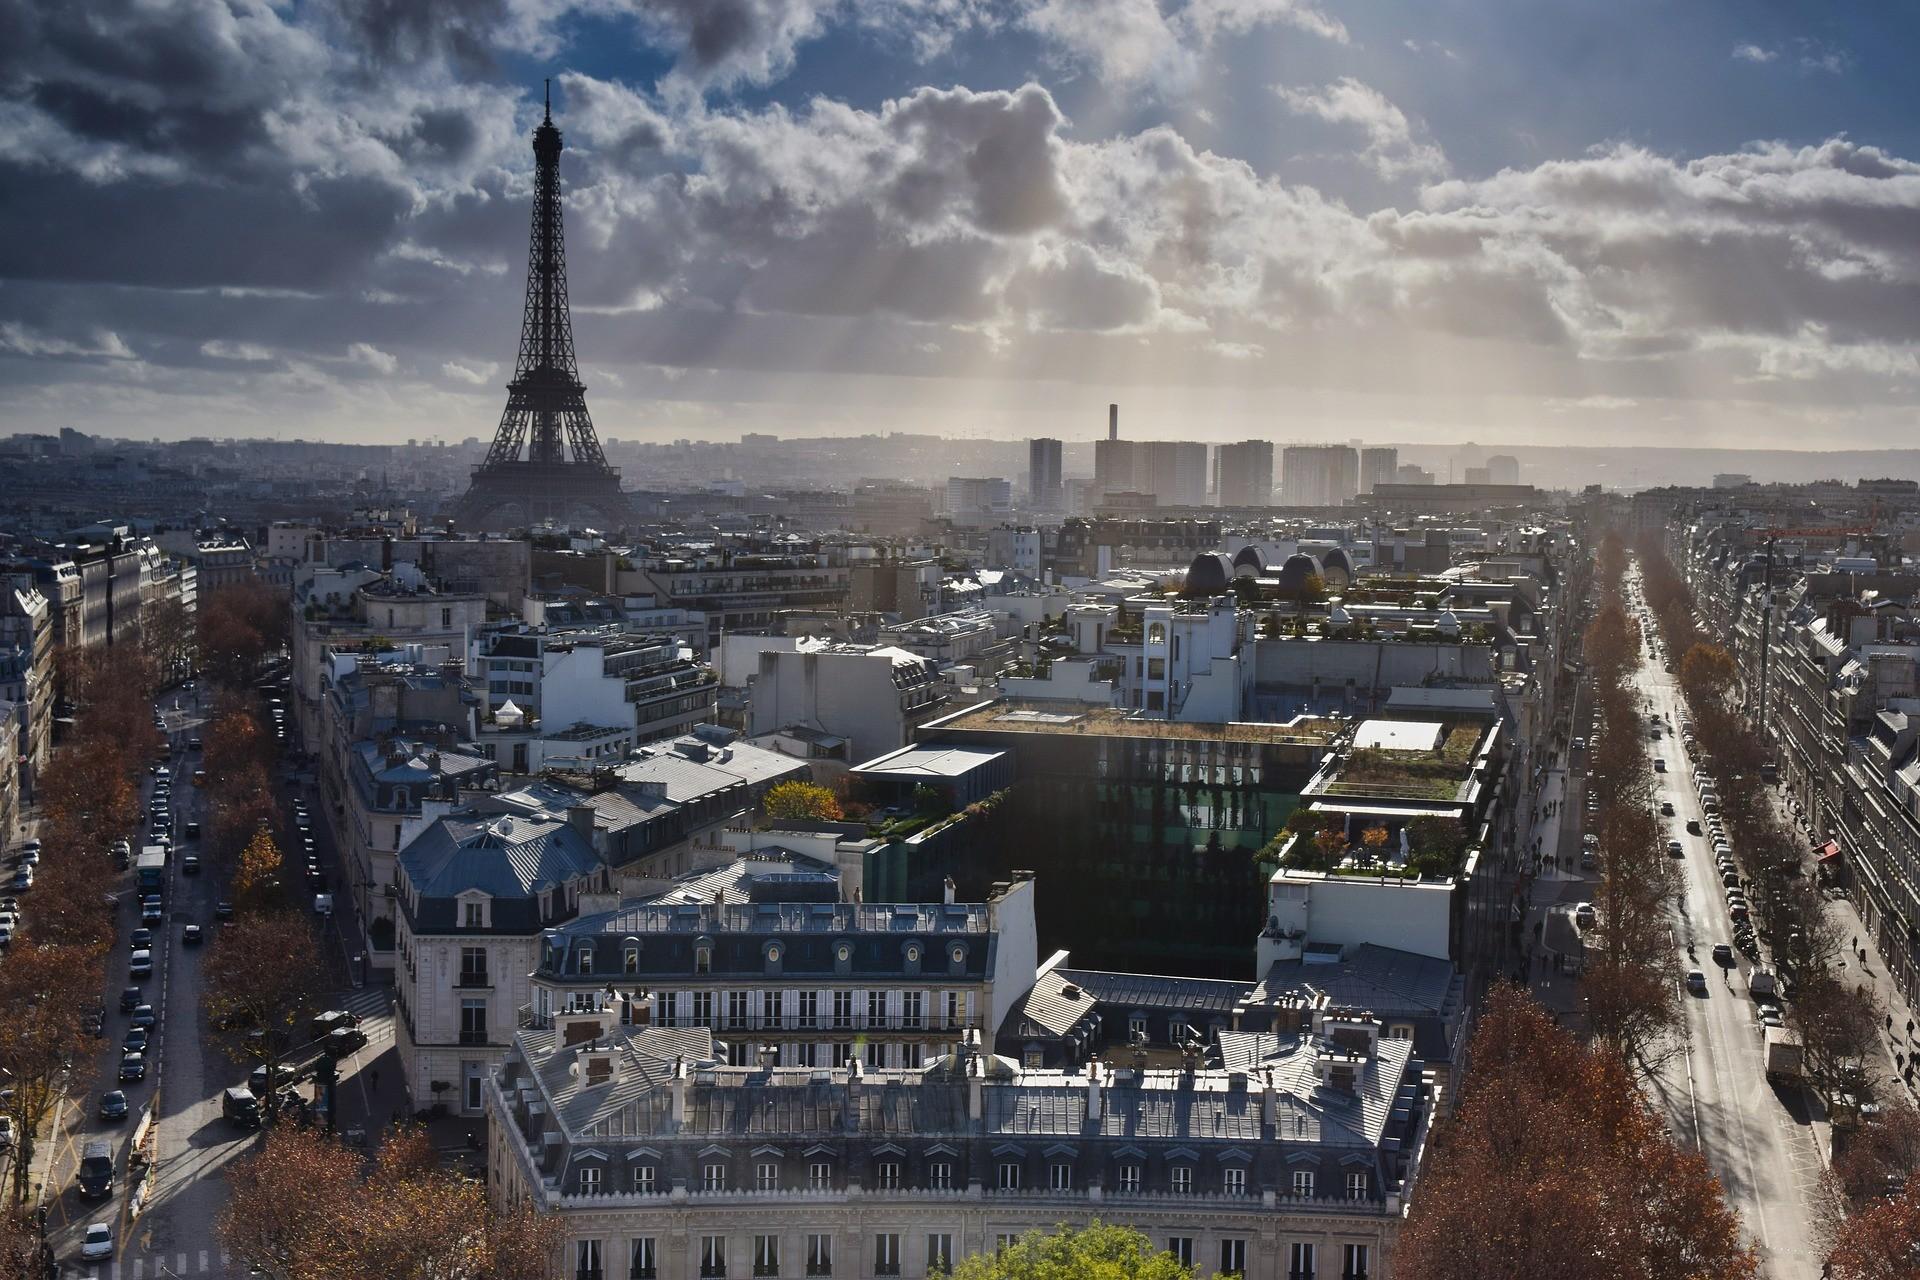 С 3 апреля карантинные меры против Covid 19 распространятся на всe регионы Франции.